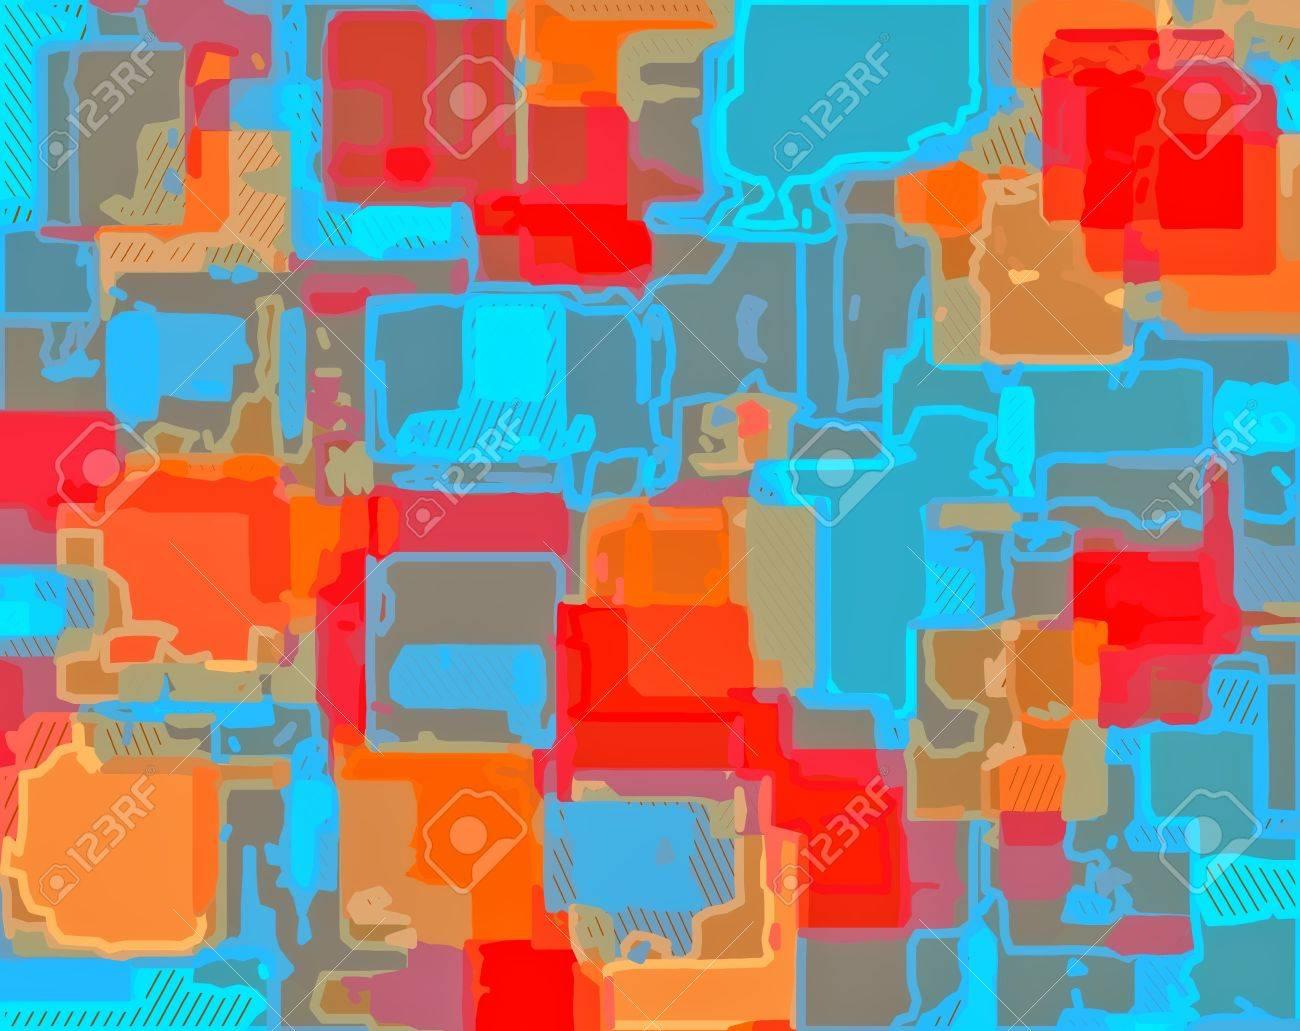 Rouge Bleu Orange Dessin Peinture Résumé Fond Banque Dimages